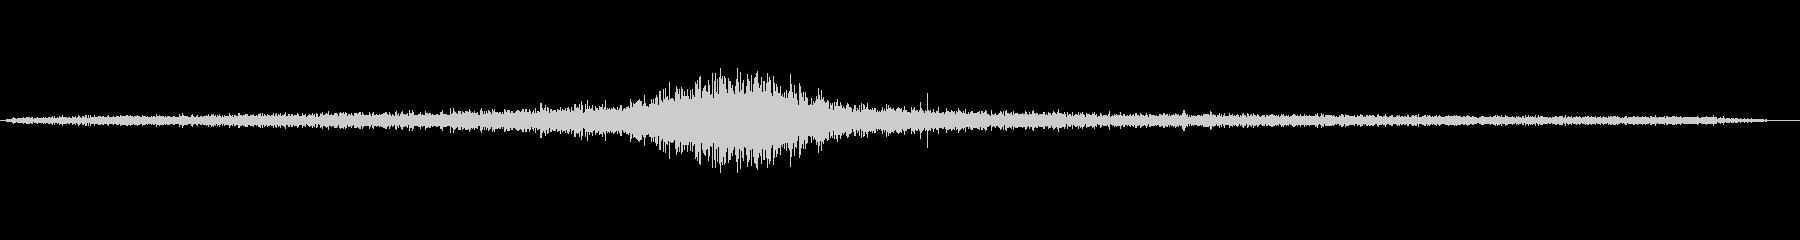 1986リンカーンタウンカー:ドラ...の未再生の波形